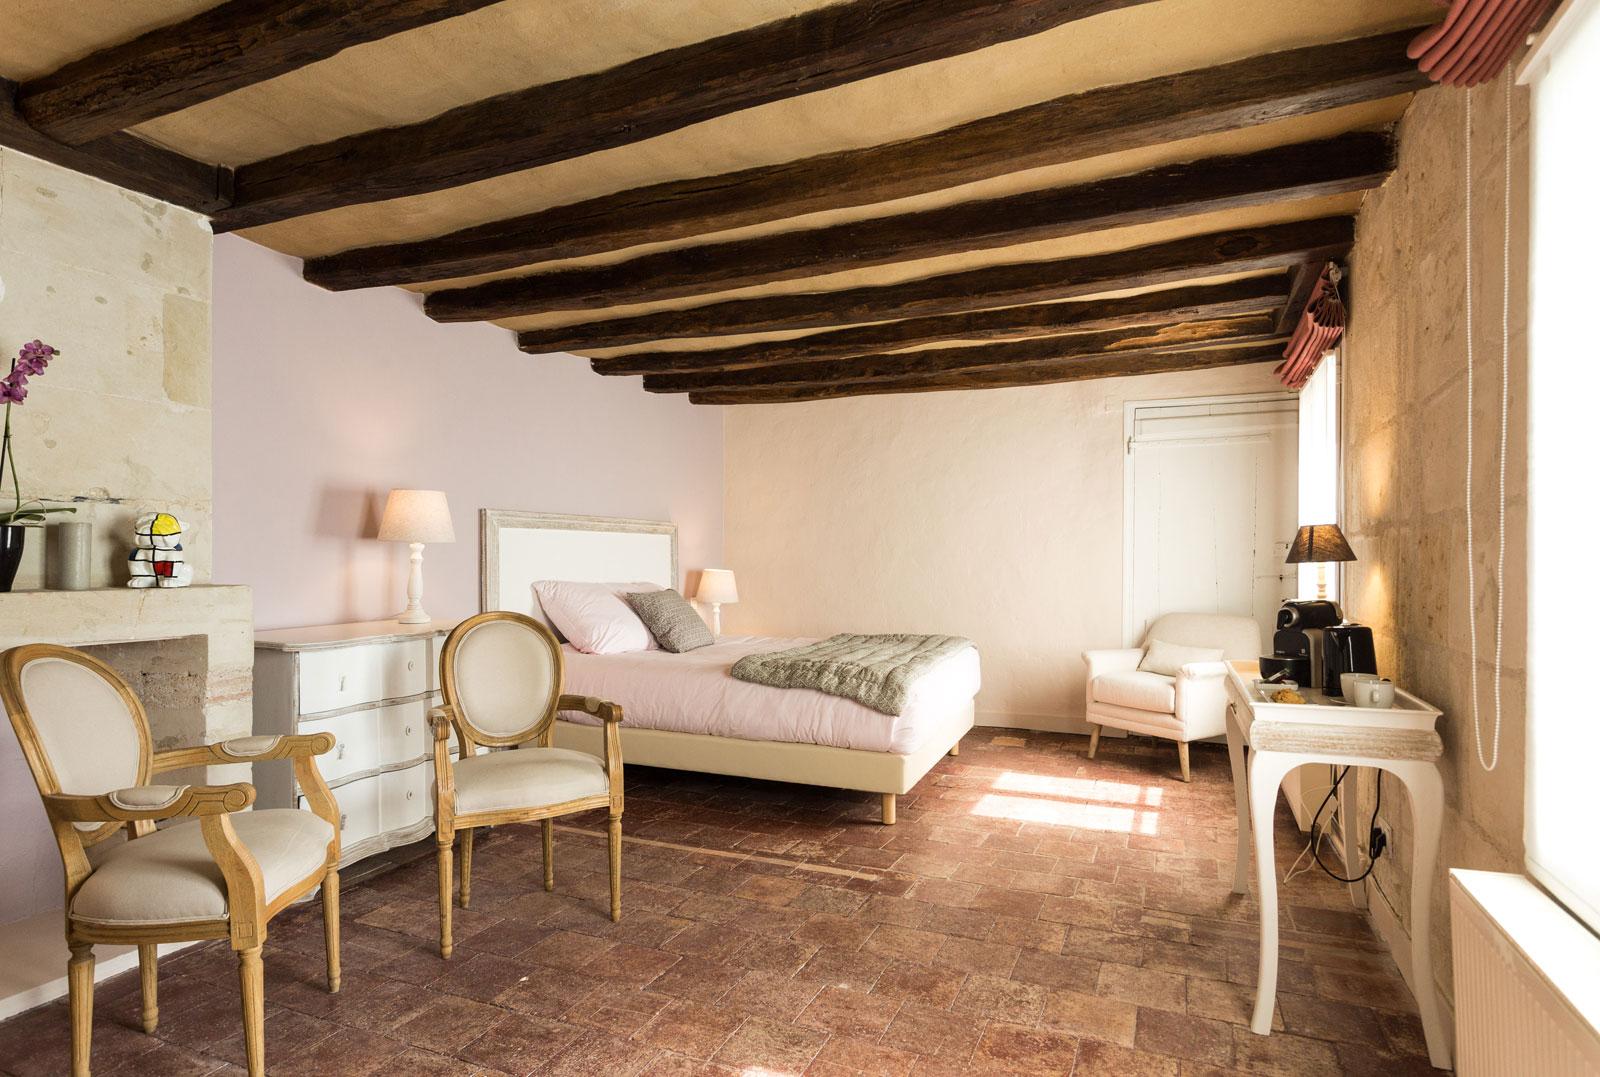 La Vie Voyage – Chambres d'hôtes